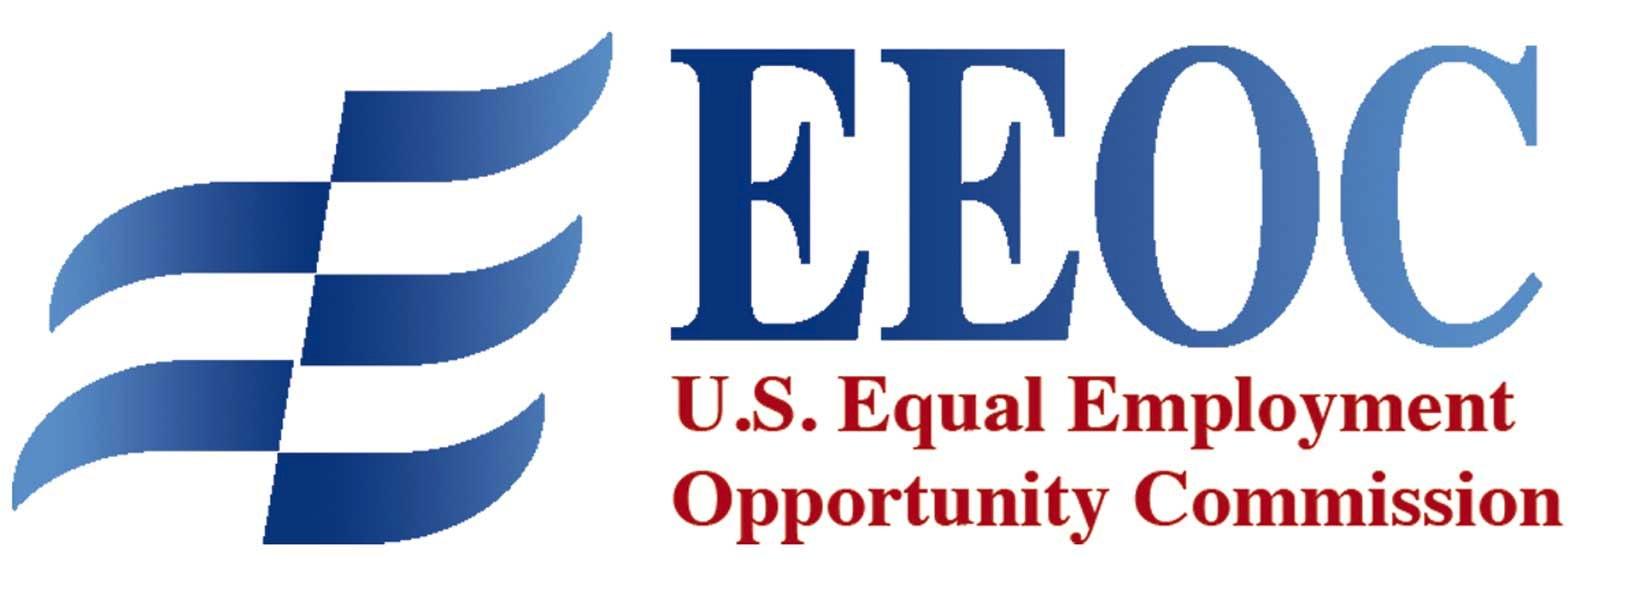 EEOC-banner.jpg